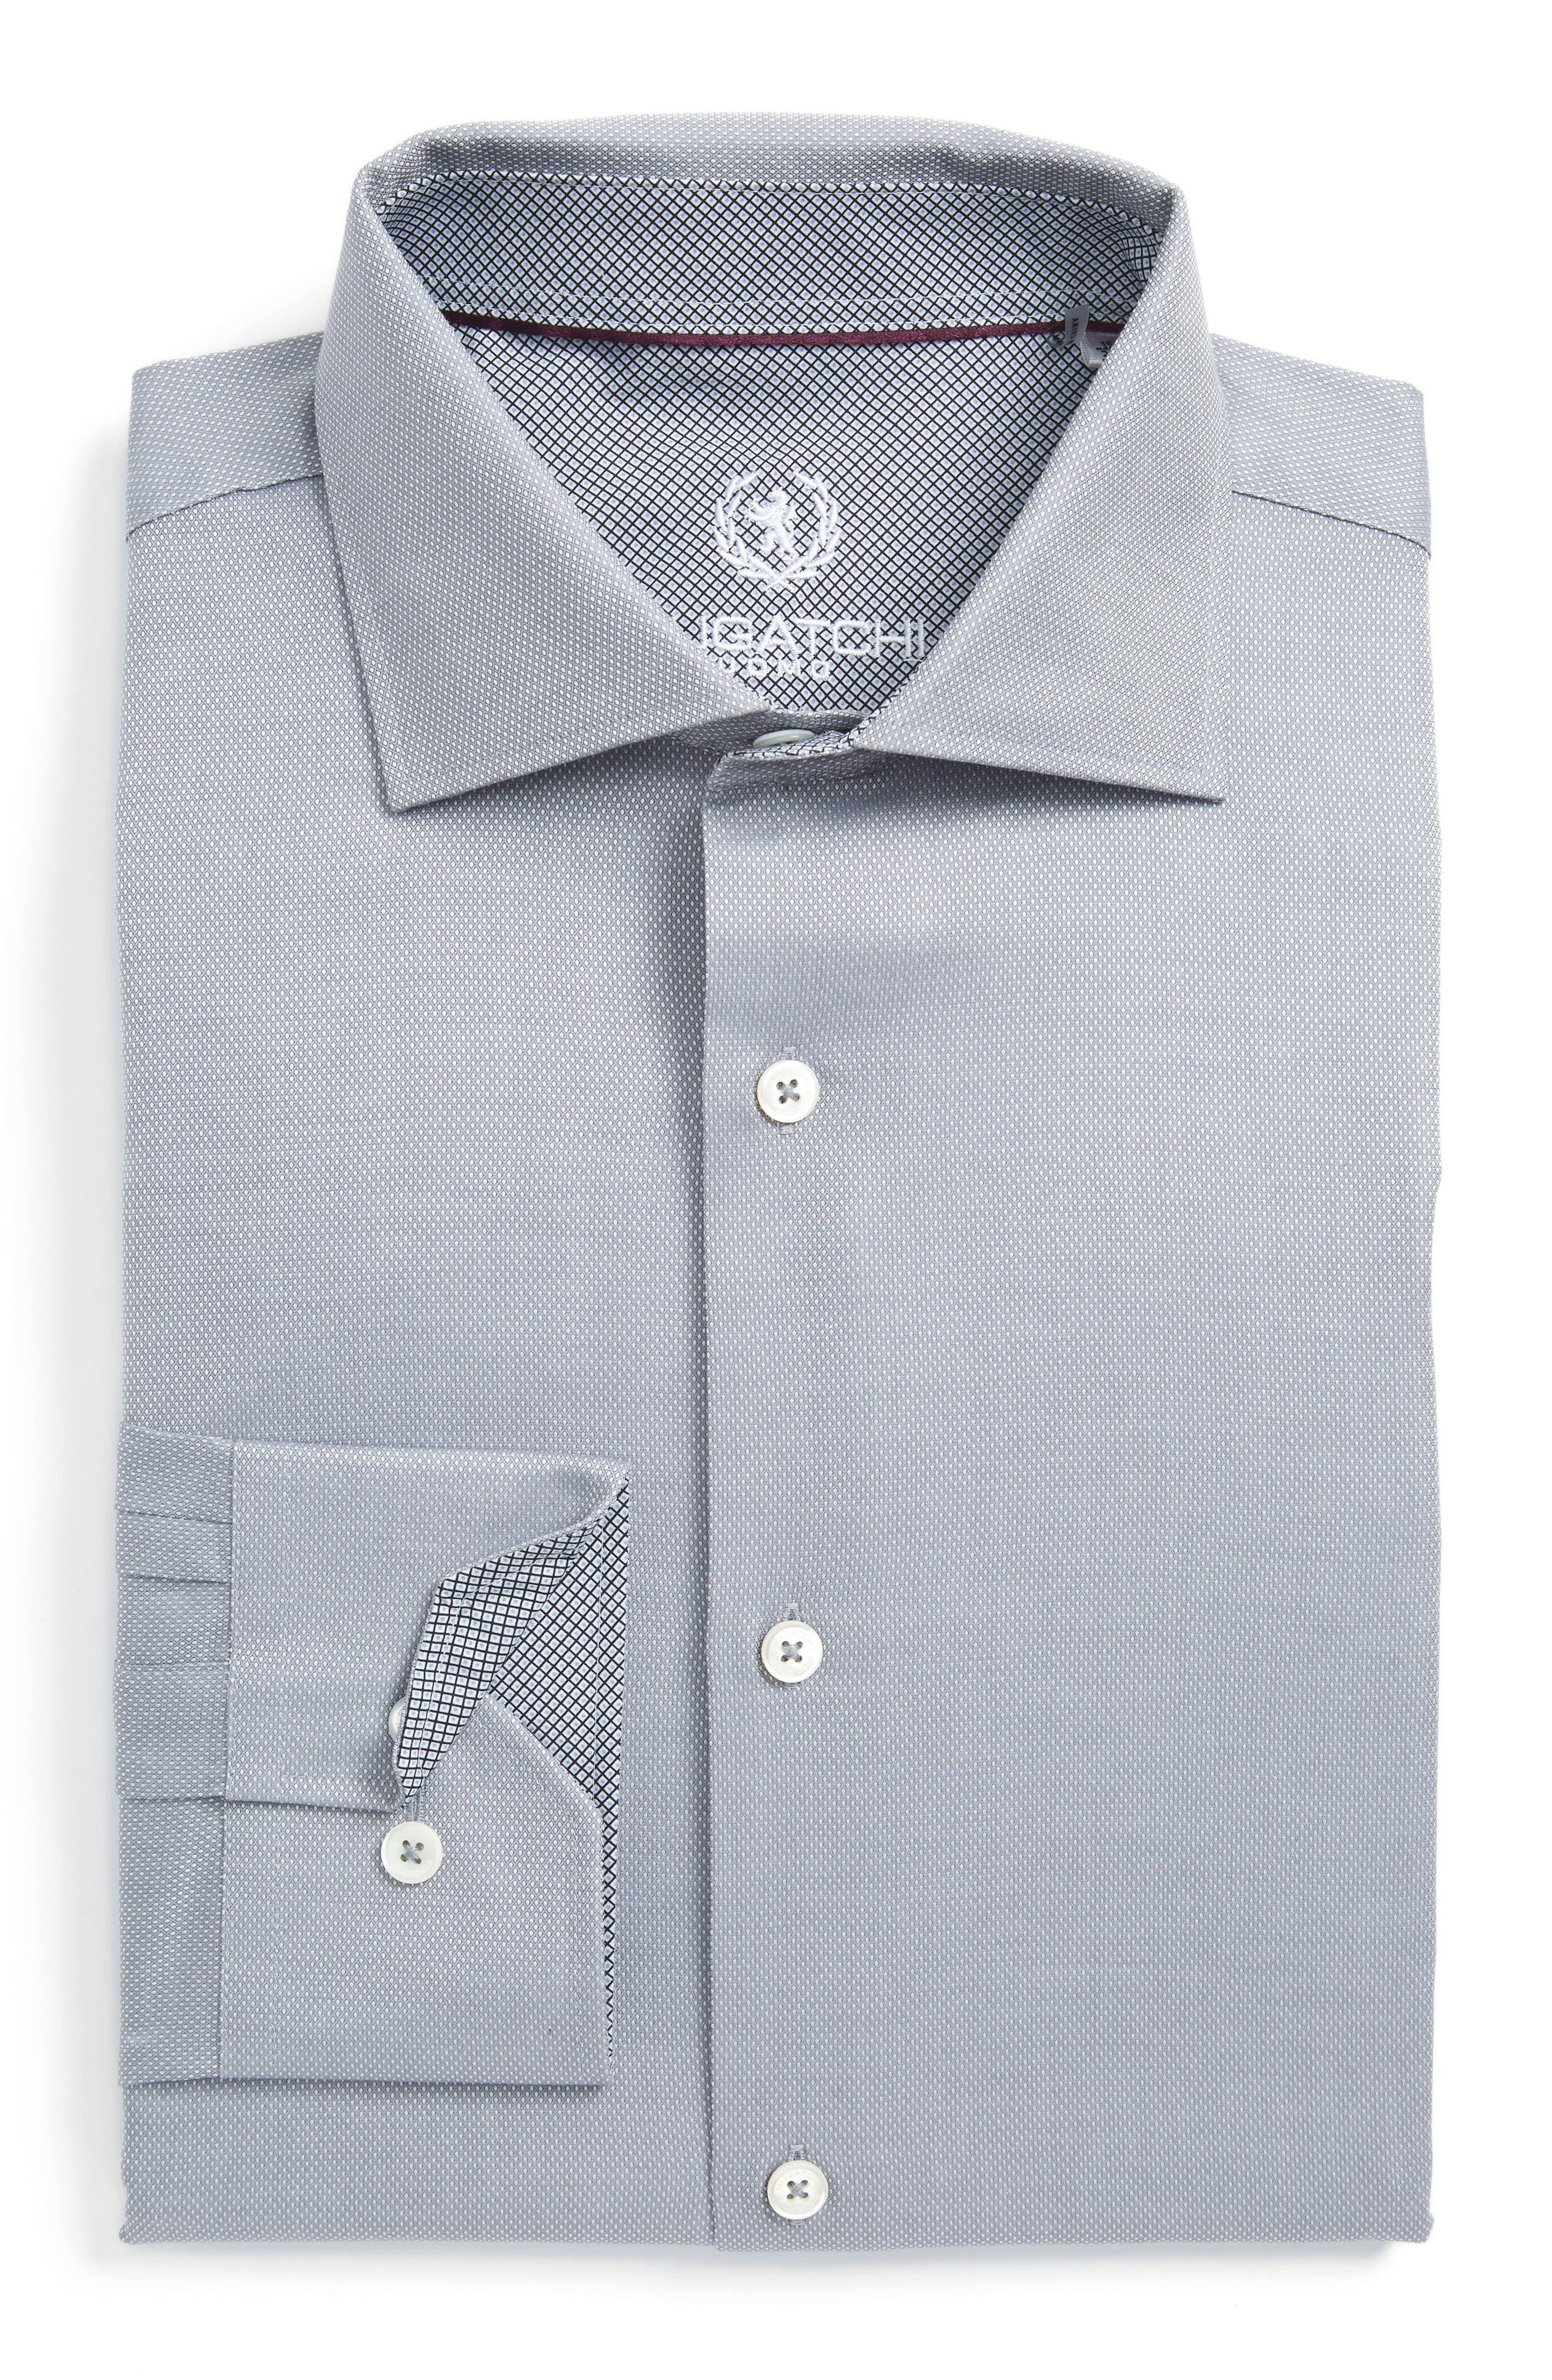 Trim Fit Solid Dress Shirt,                             Main thumbnail 1, color,                             Platinum